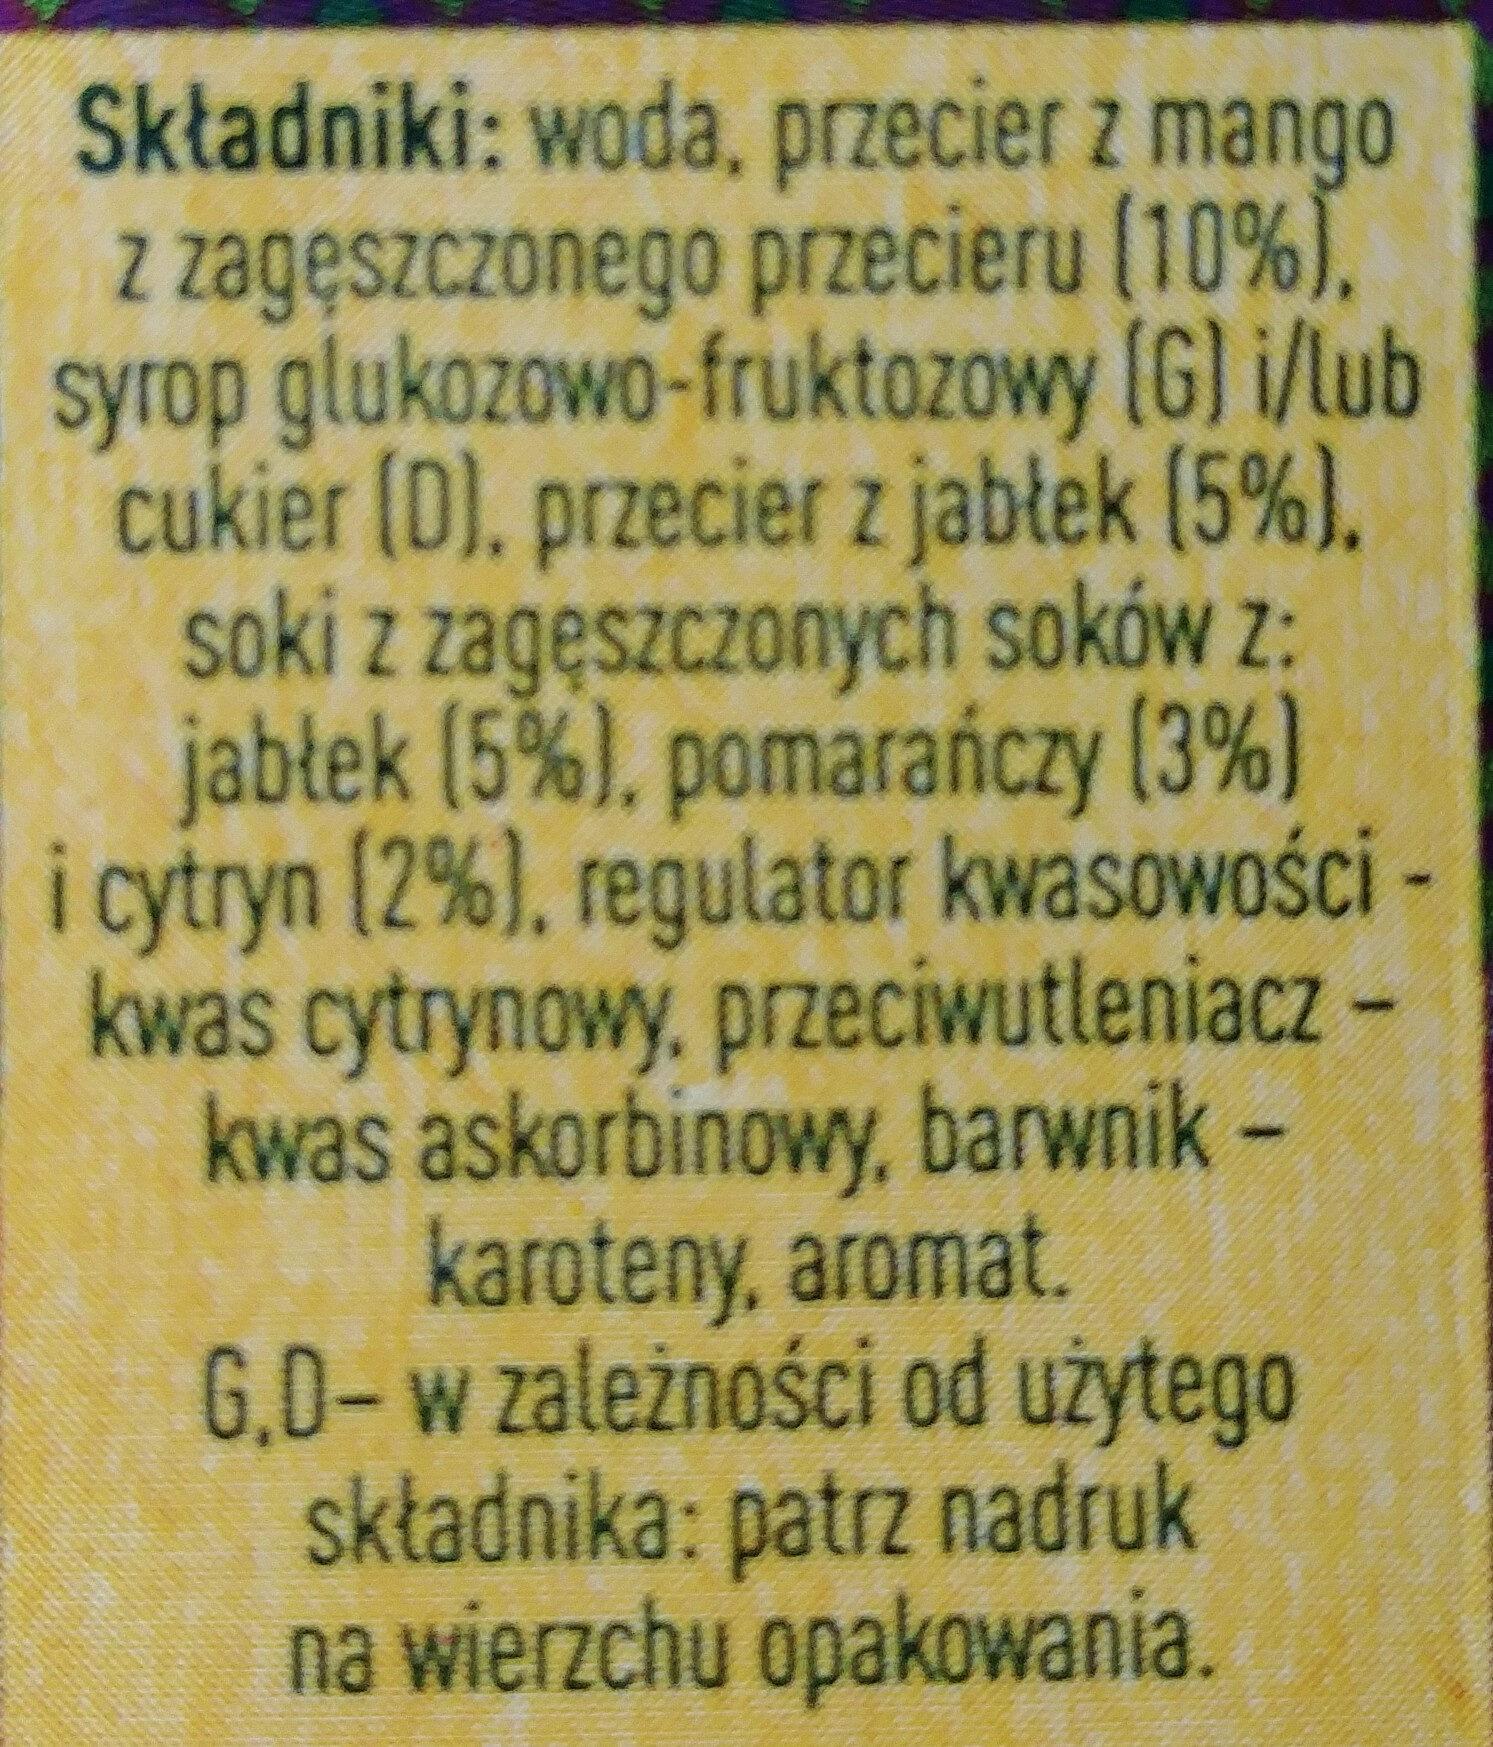 Napój wieloowocowy: mango, jabłko, pomarańcza, cytryna. - Składniki - pl